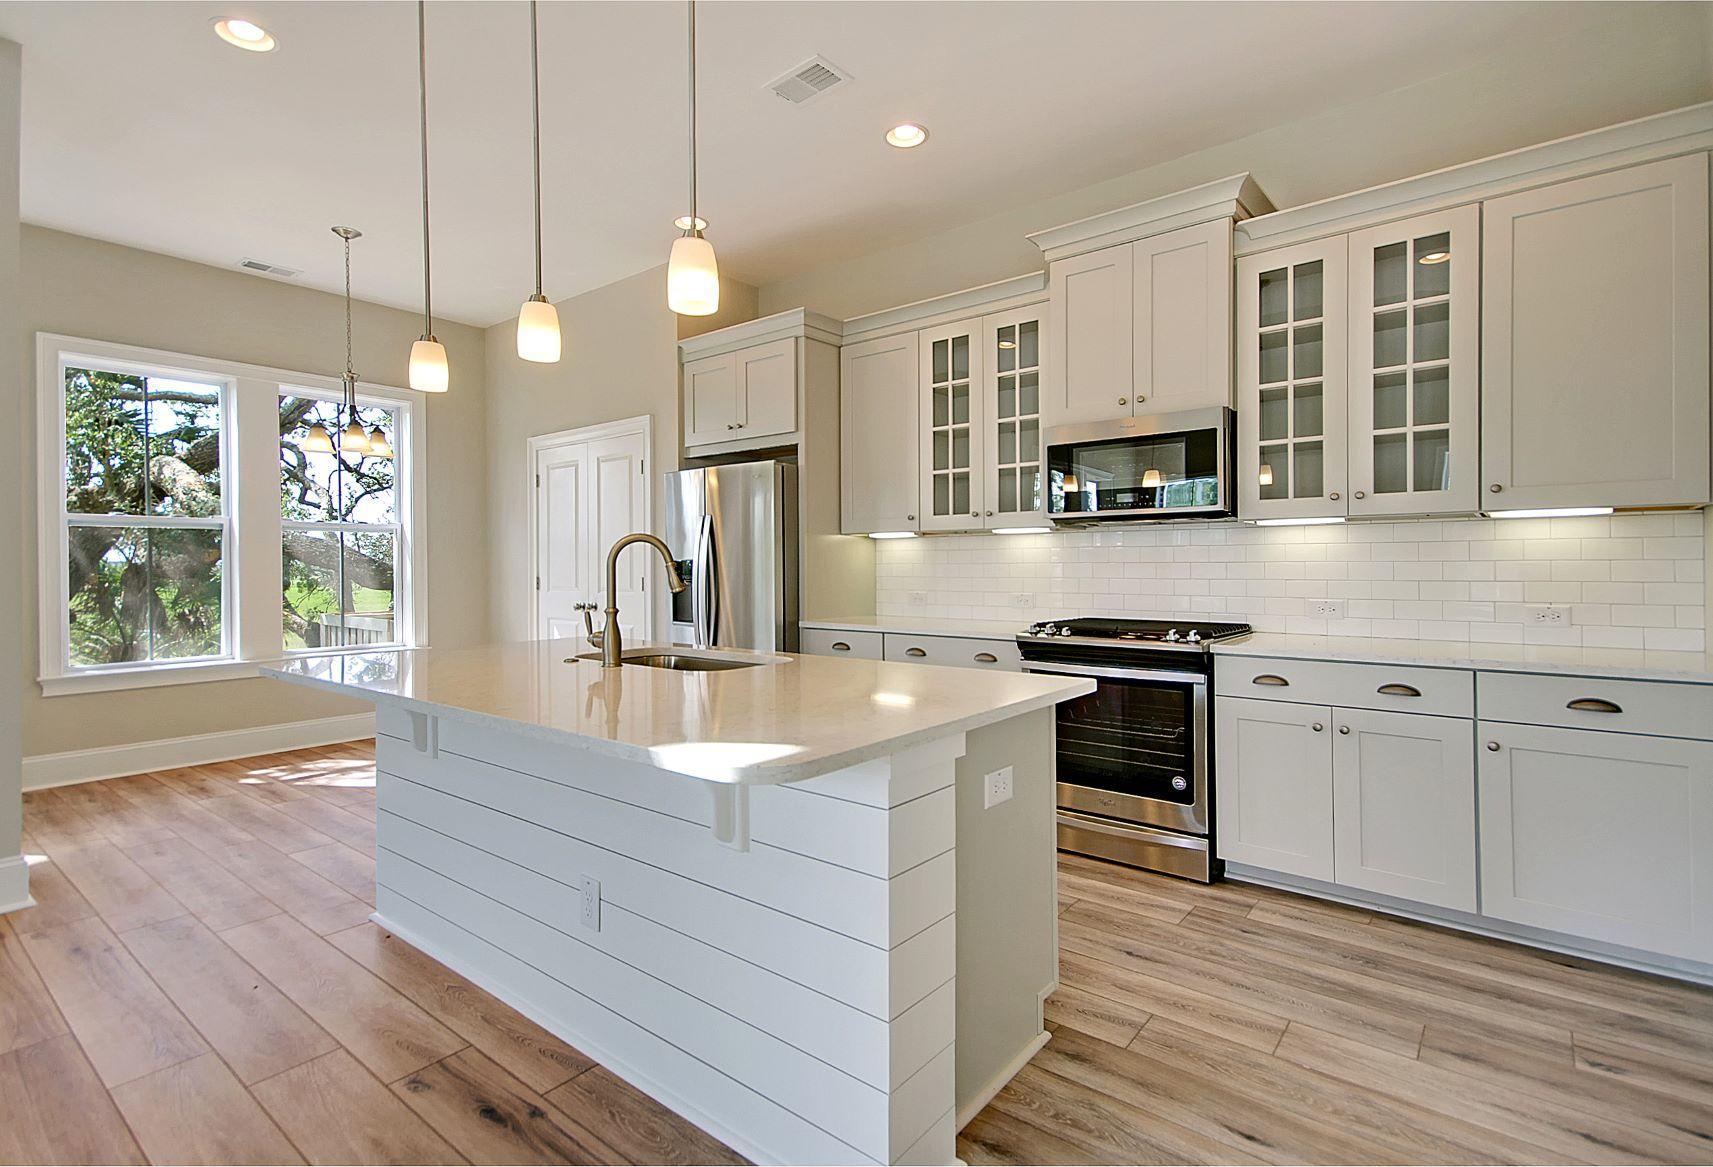 Kings Flats Homes For Sale - 121 Alder, Charleston, SC - 11